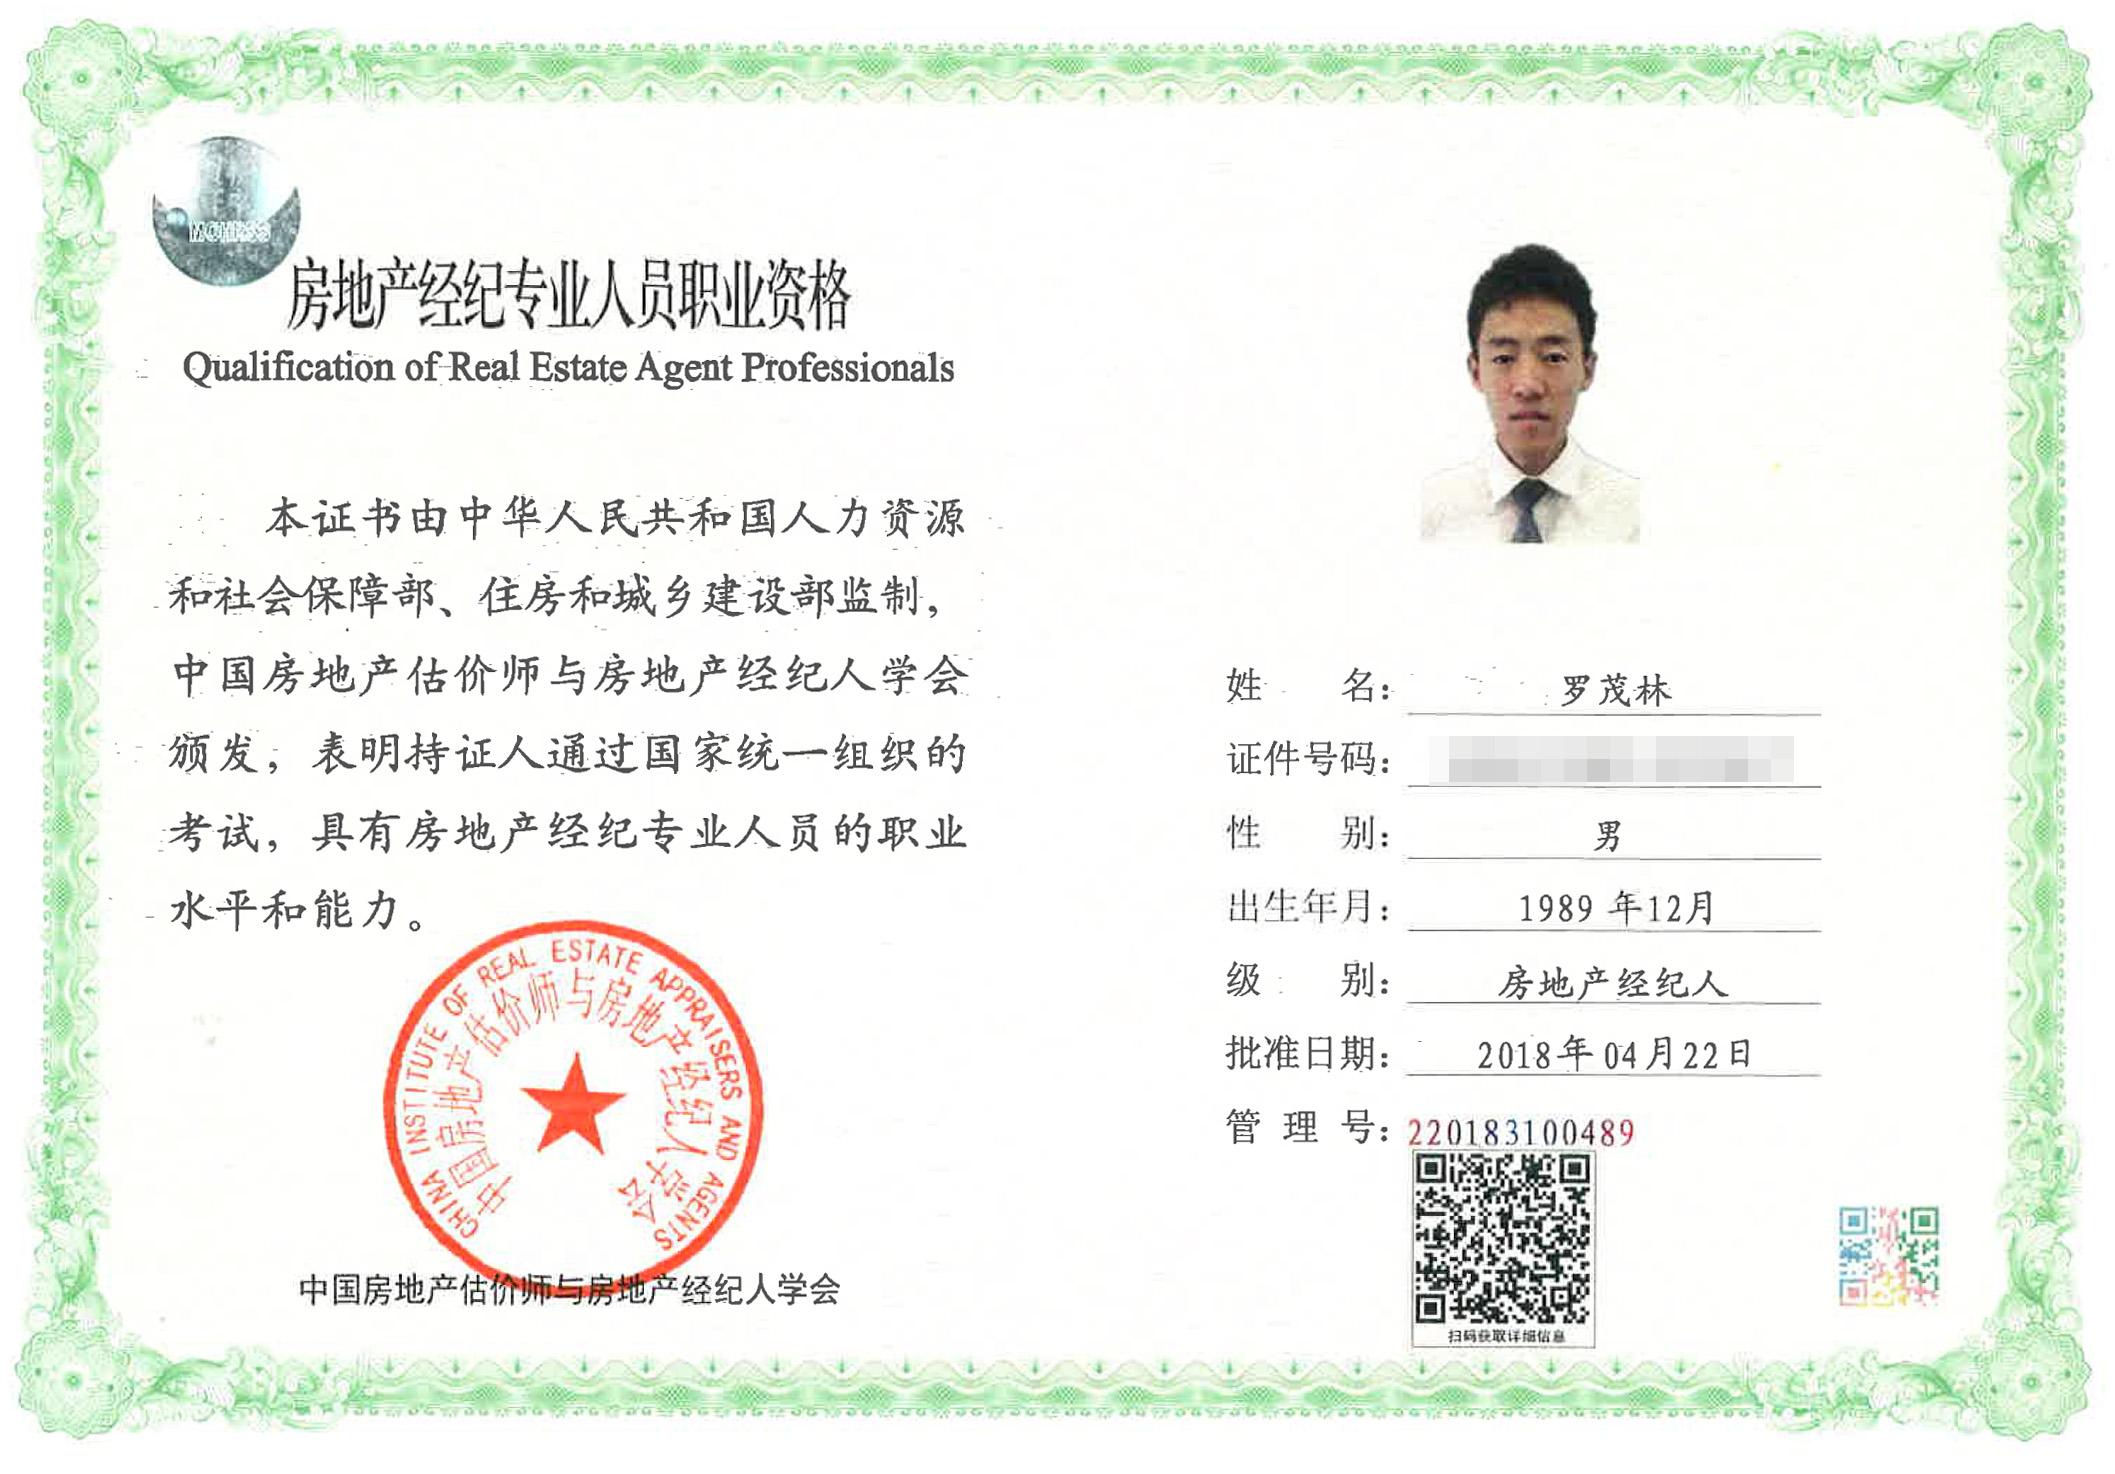 經紀人資格證